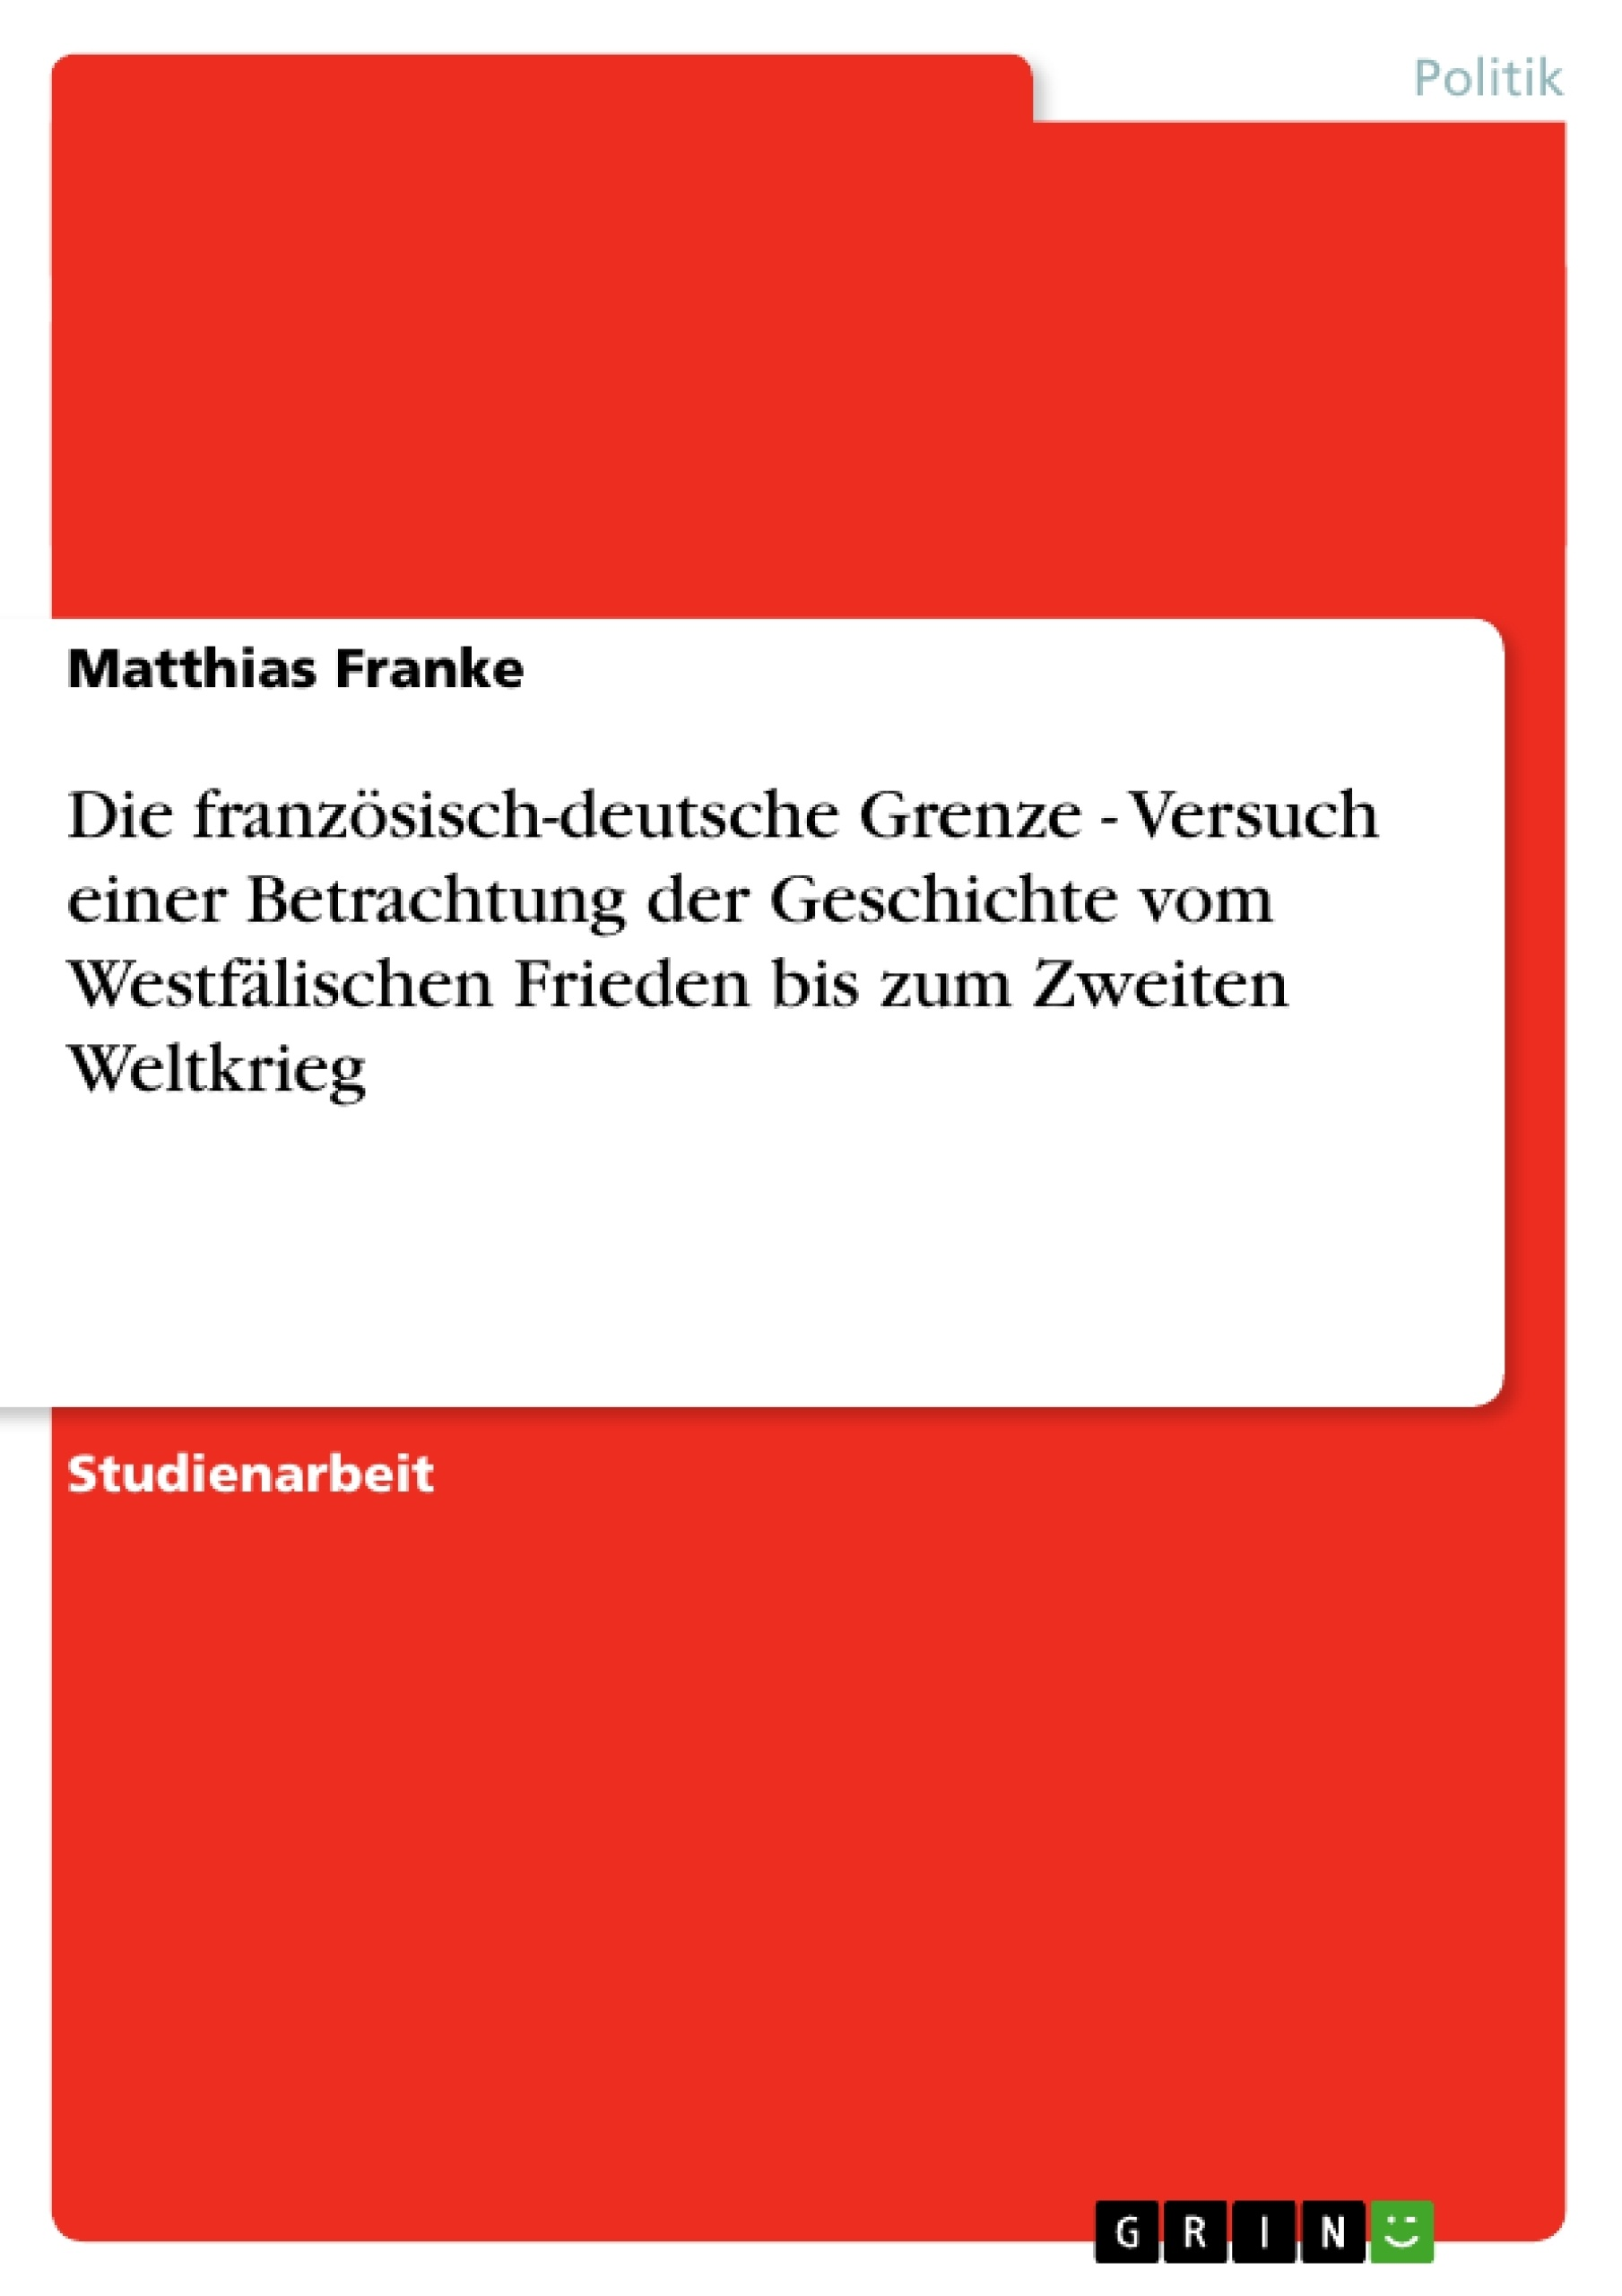 Titel: Die französisch-deutsche Grenze - Versuch einer Betrachtung der Geschichte vom Westfälischen Frieden bis zum Zweiten Weltkrieg